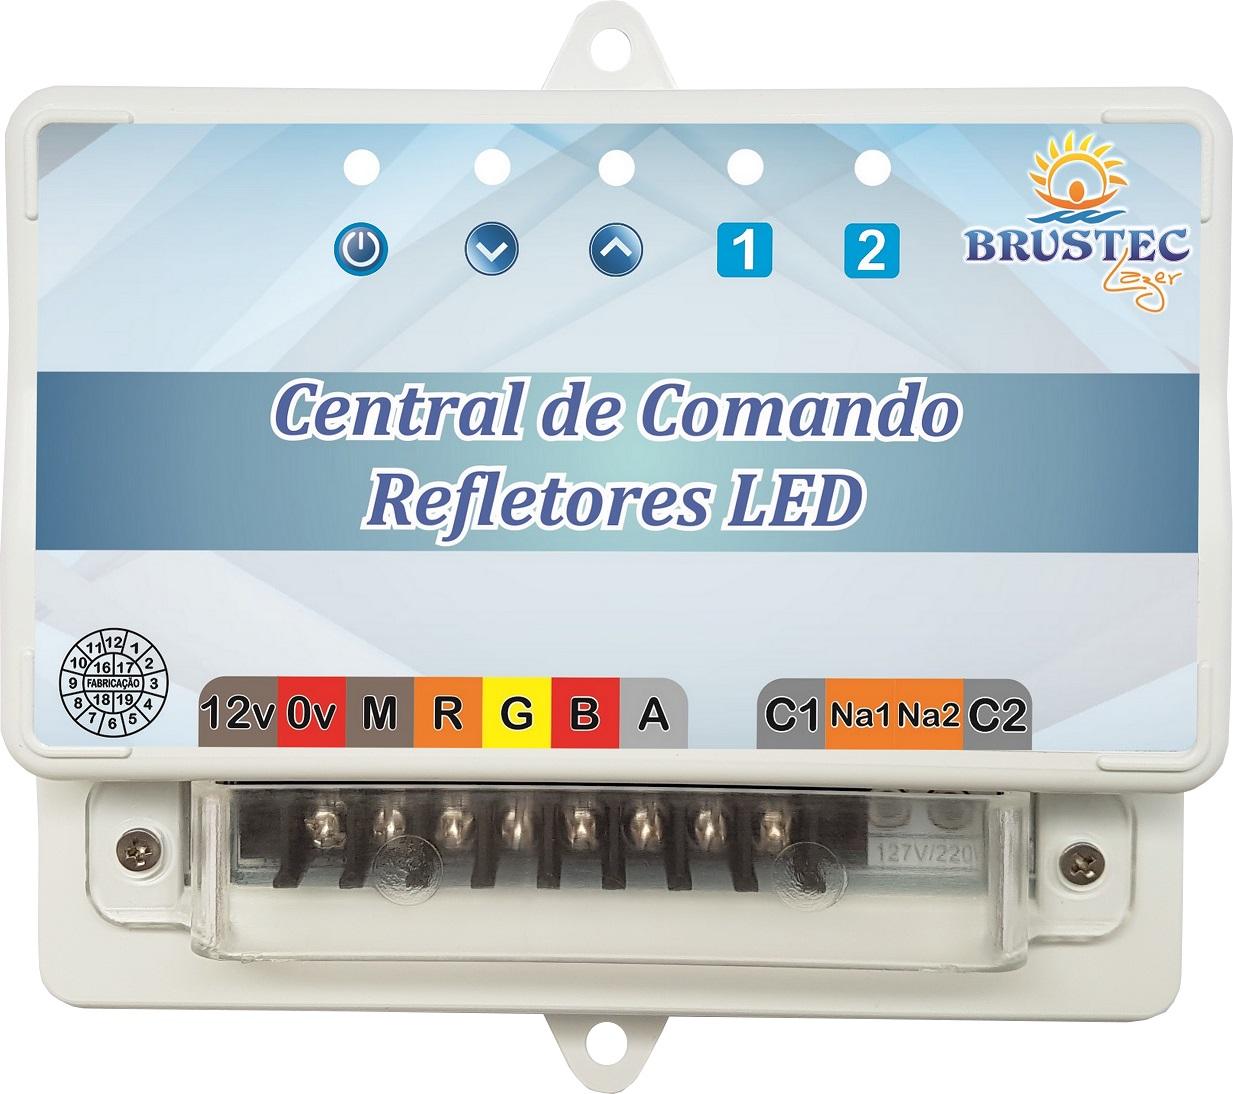 Central de Comando LED RGB 20A - Brustec